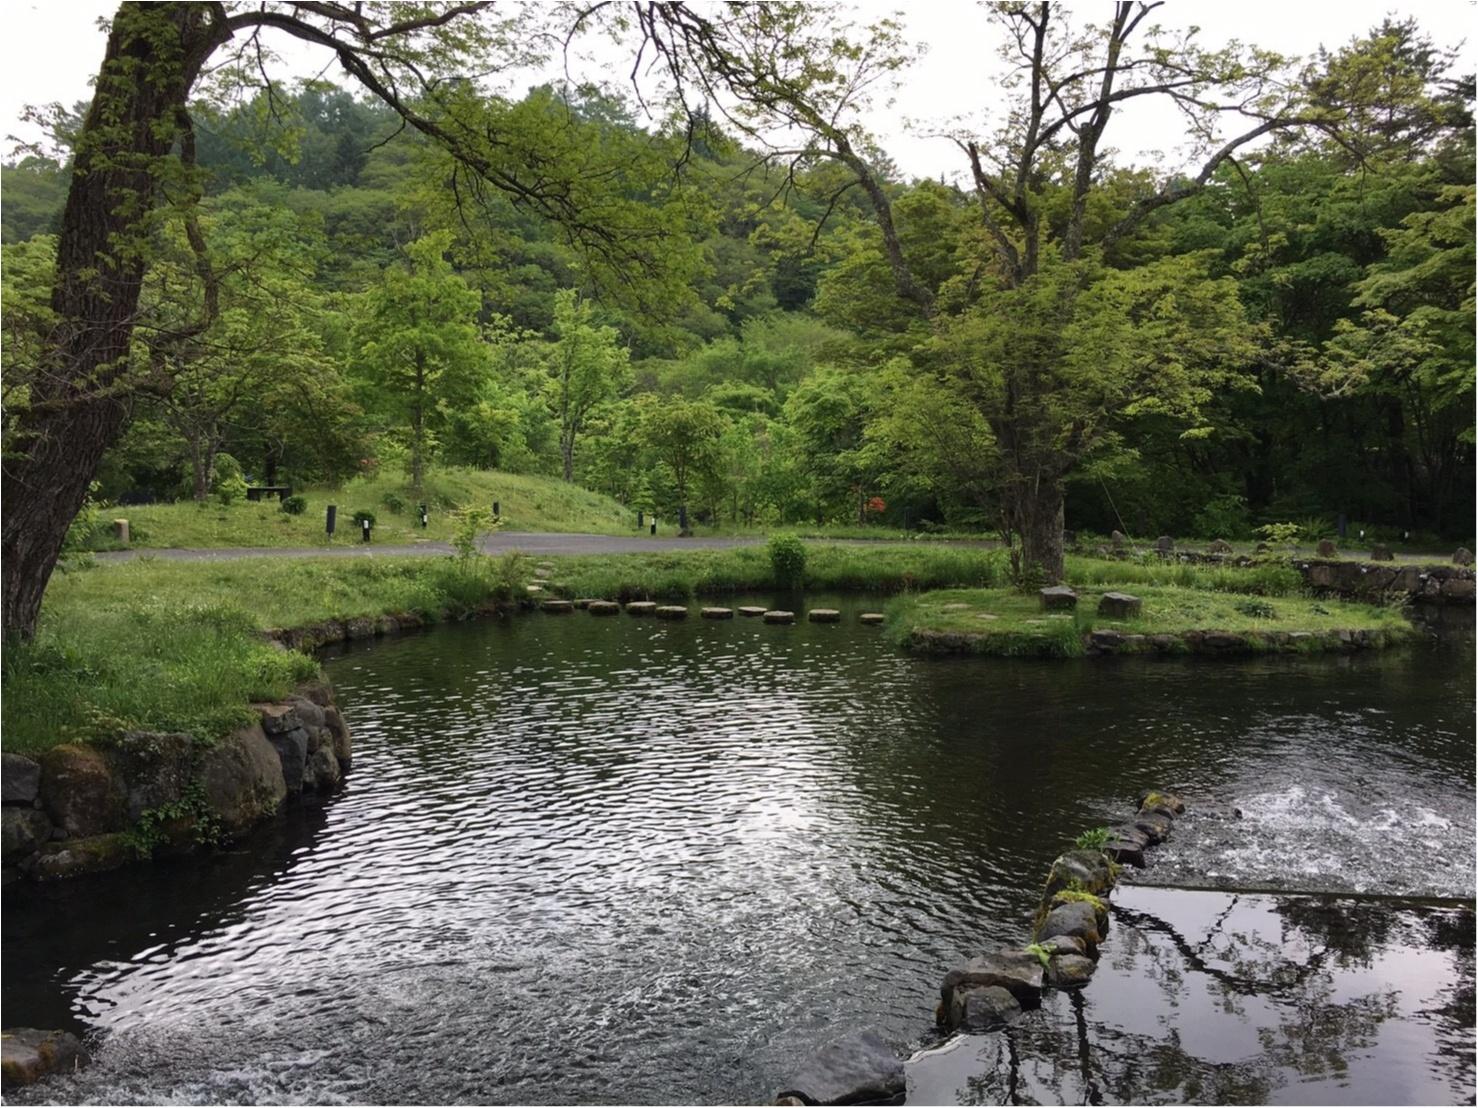 軽井沢女子旅特集 - 日帰り旅行も! 自然を満喫できるモデルコースやおすすめグルメ、人気の星野リゾートまとめ_62